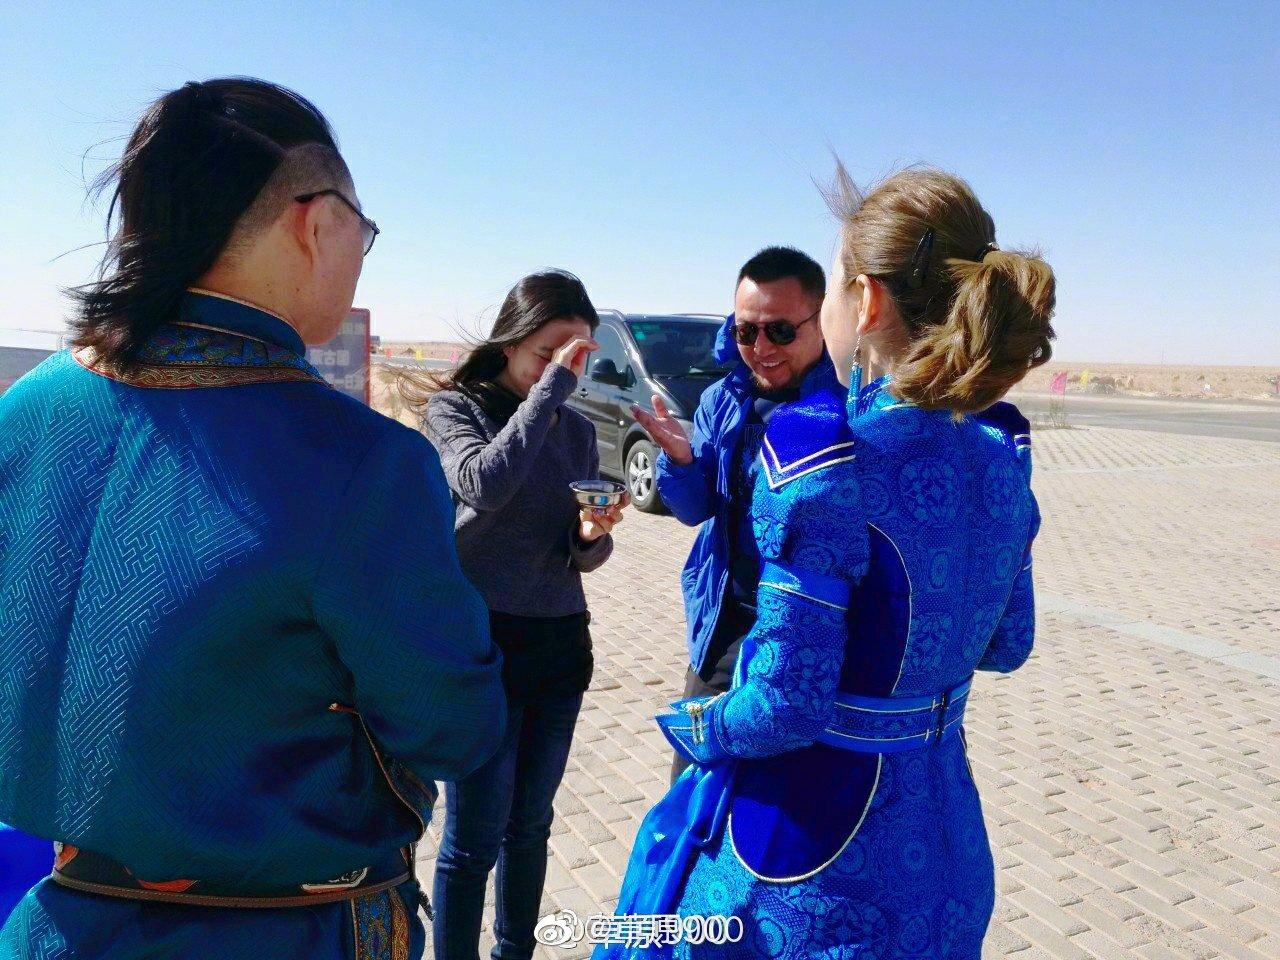 蒙古草原上,在连接外蒙古茫茫的戈壁滩,遍地是玛瑙石,色彩斑斓